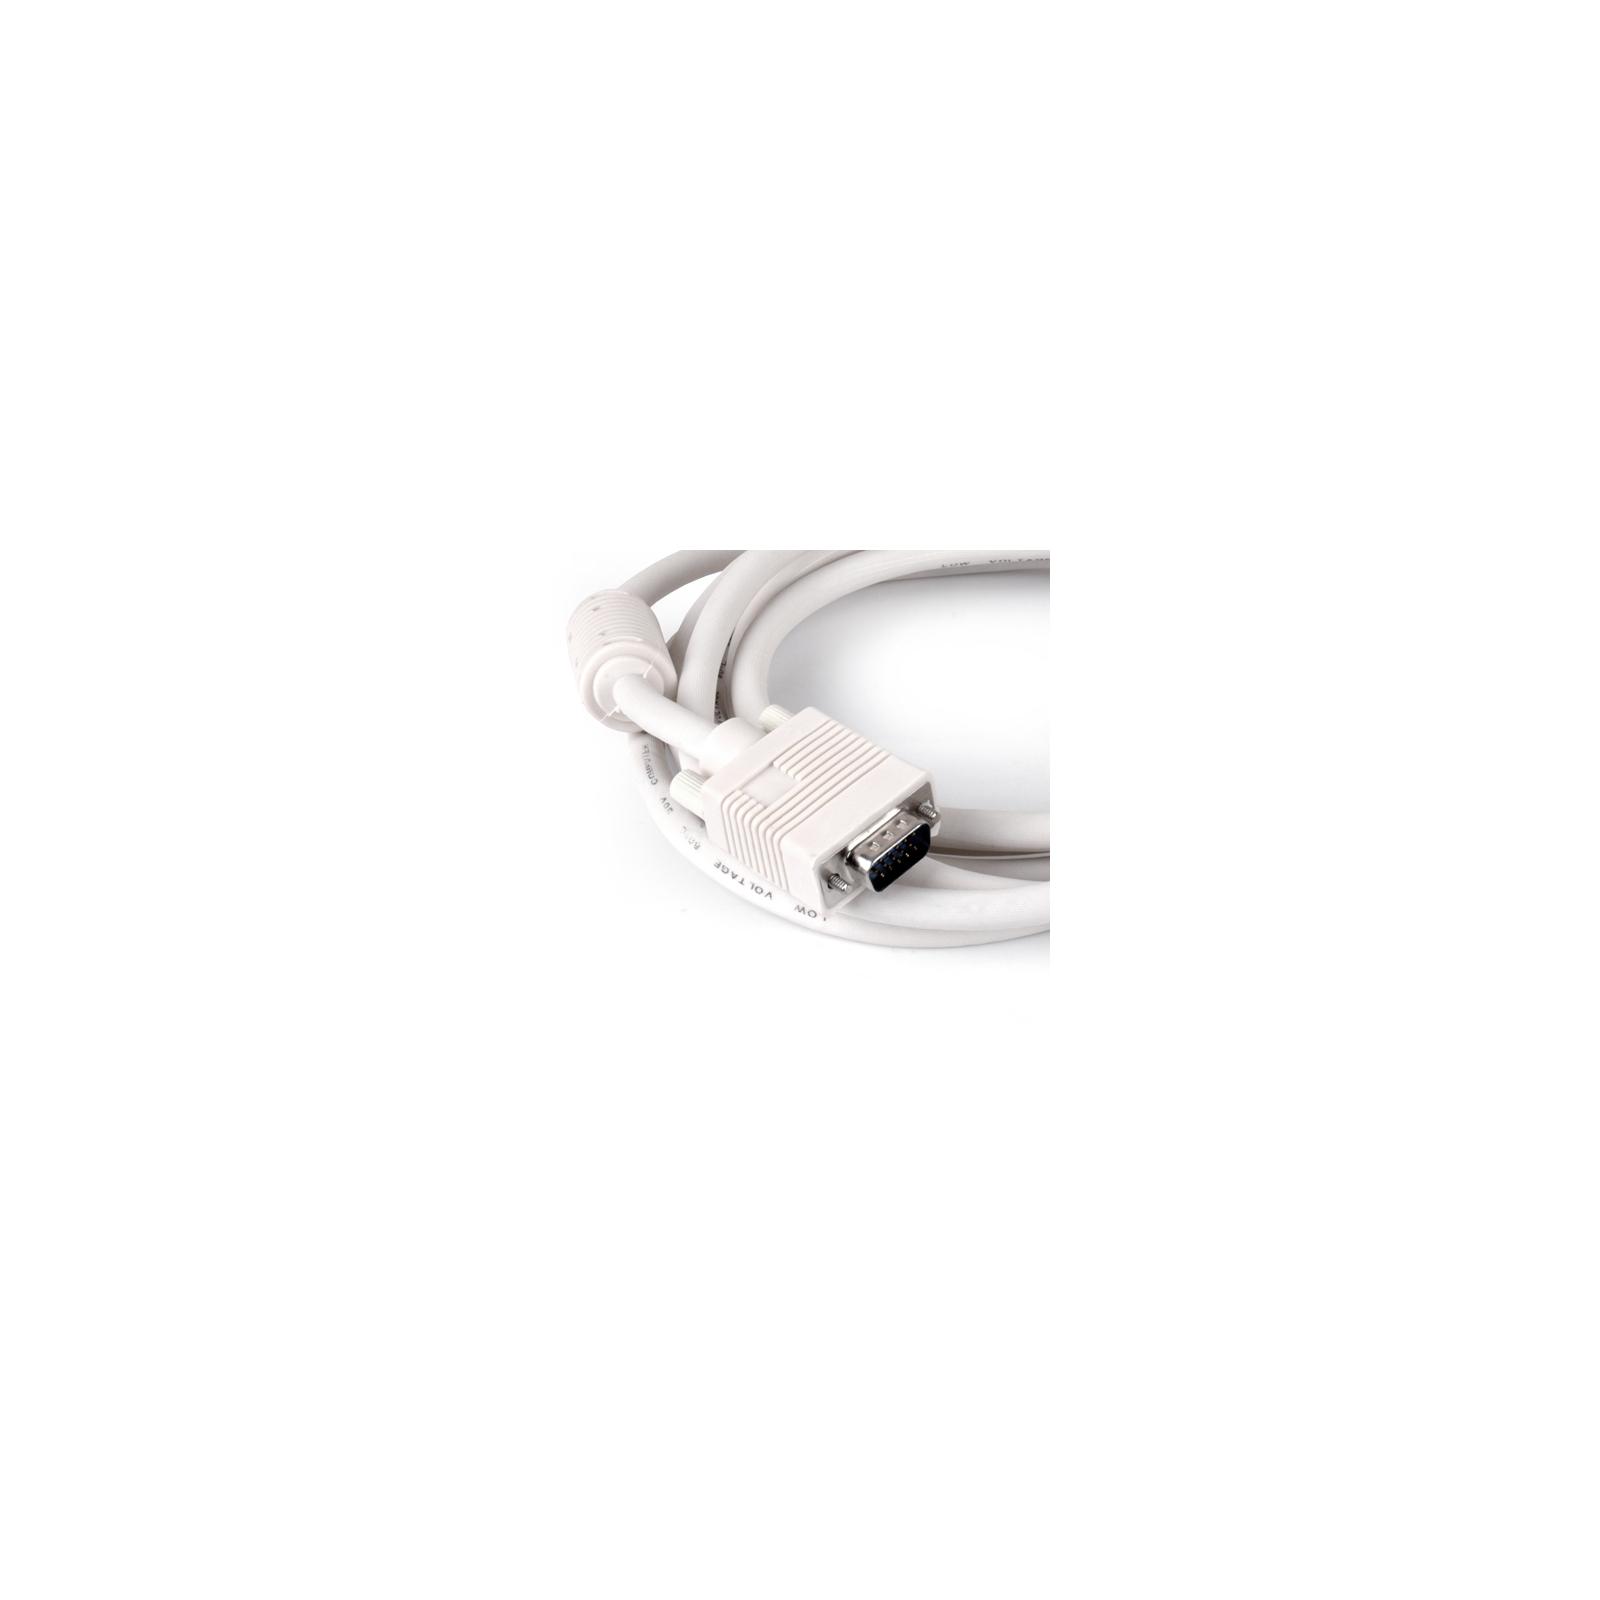 Кабель мультимедийный VGA HD M/M, 3.0m GEMIX (Art.GC 1303) изображение 2